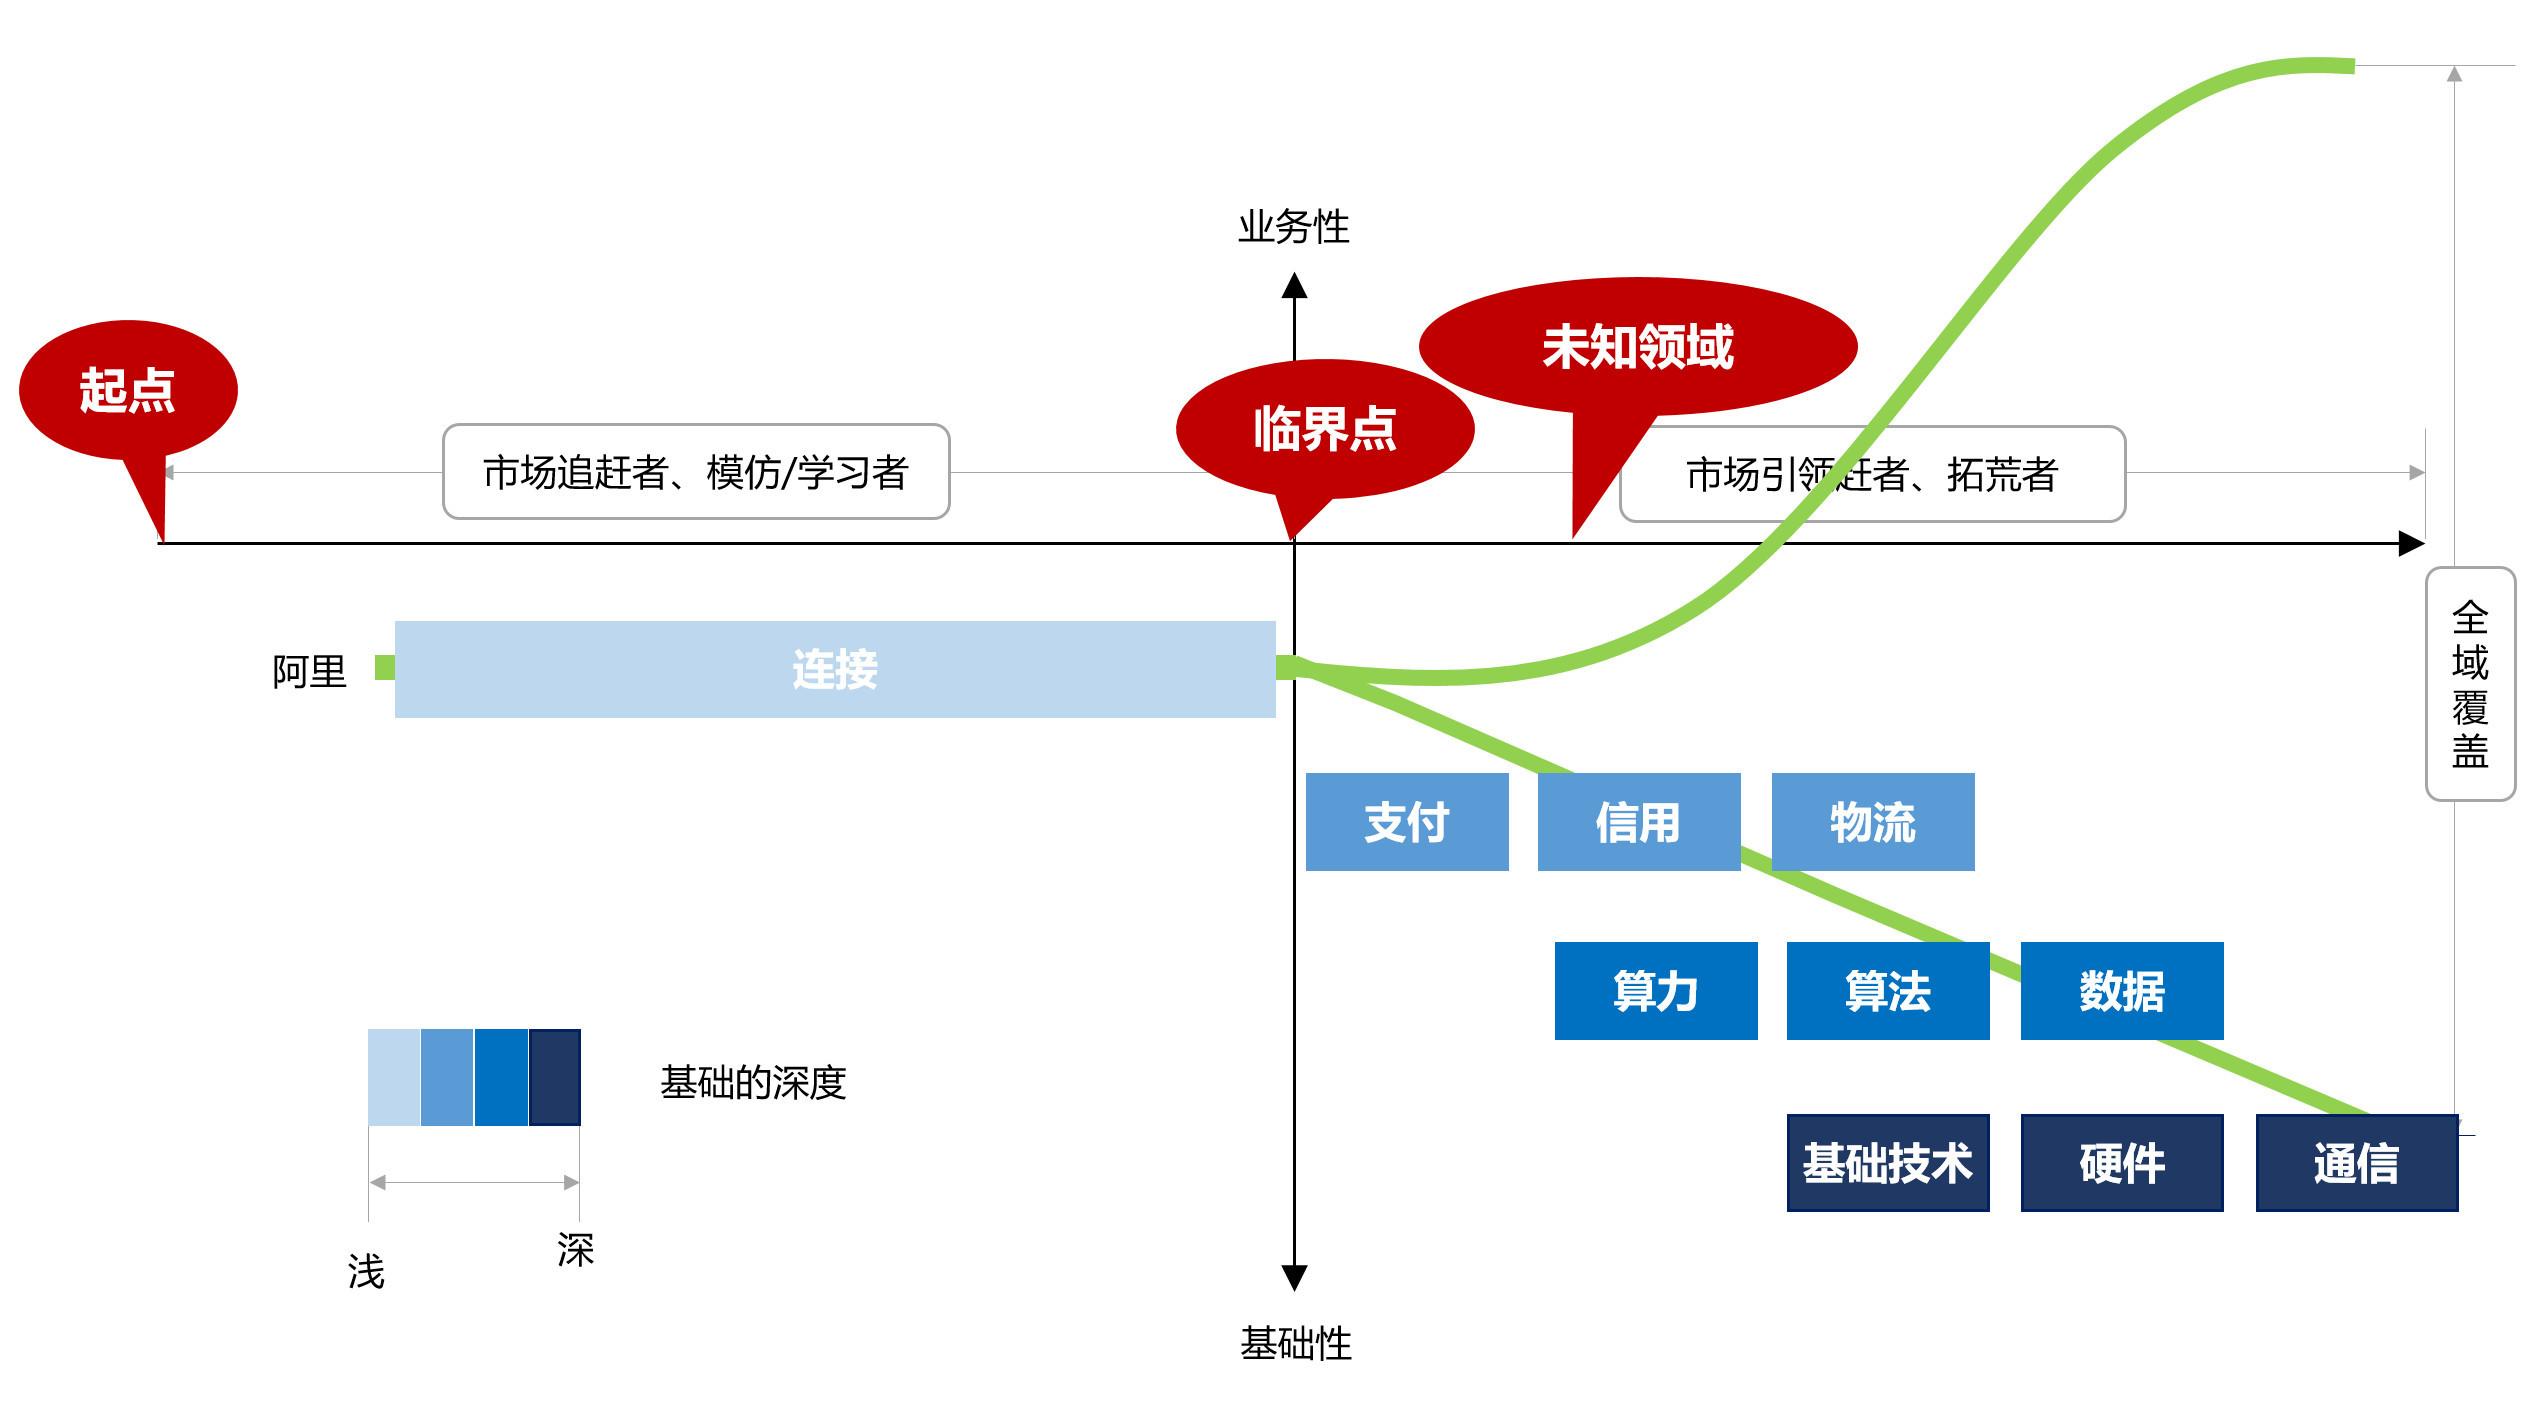 图04:基础的深度 来源:李有龙《保险业生态战略系列培训课程》